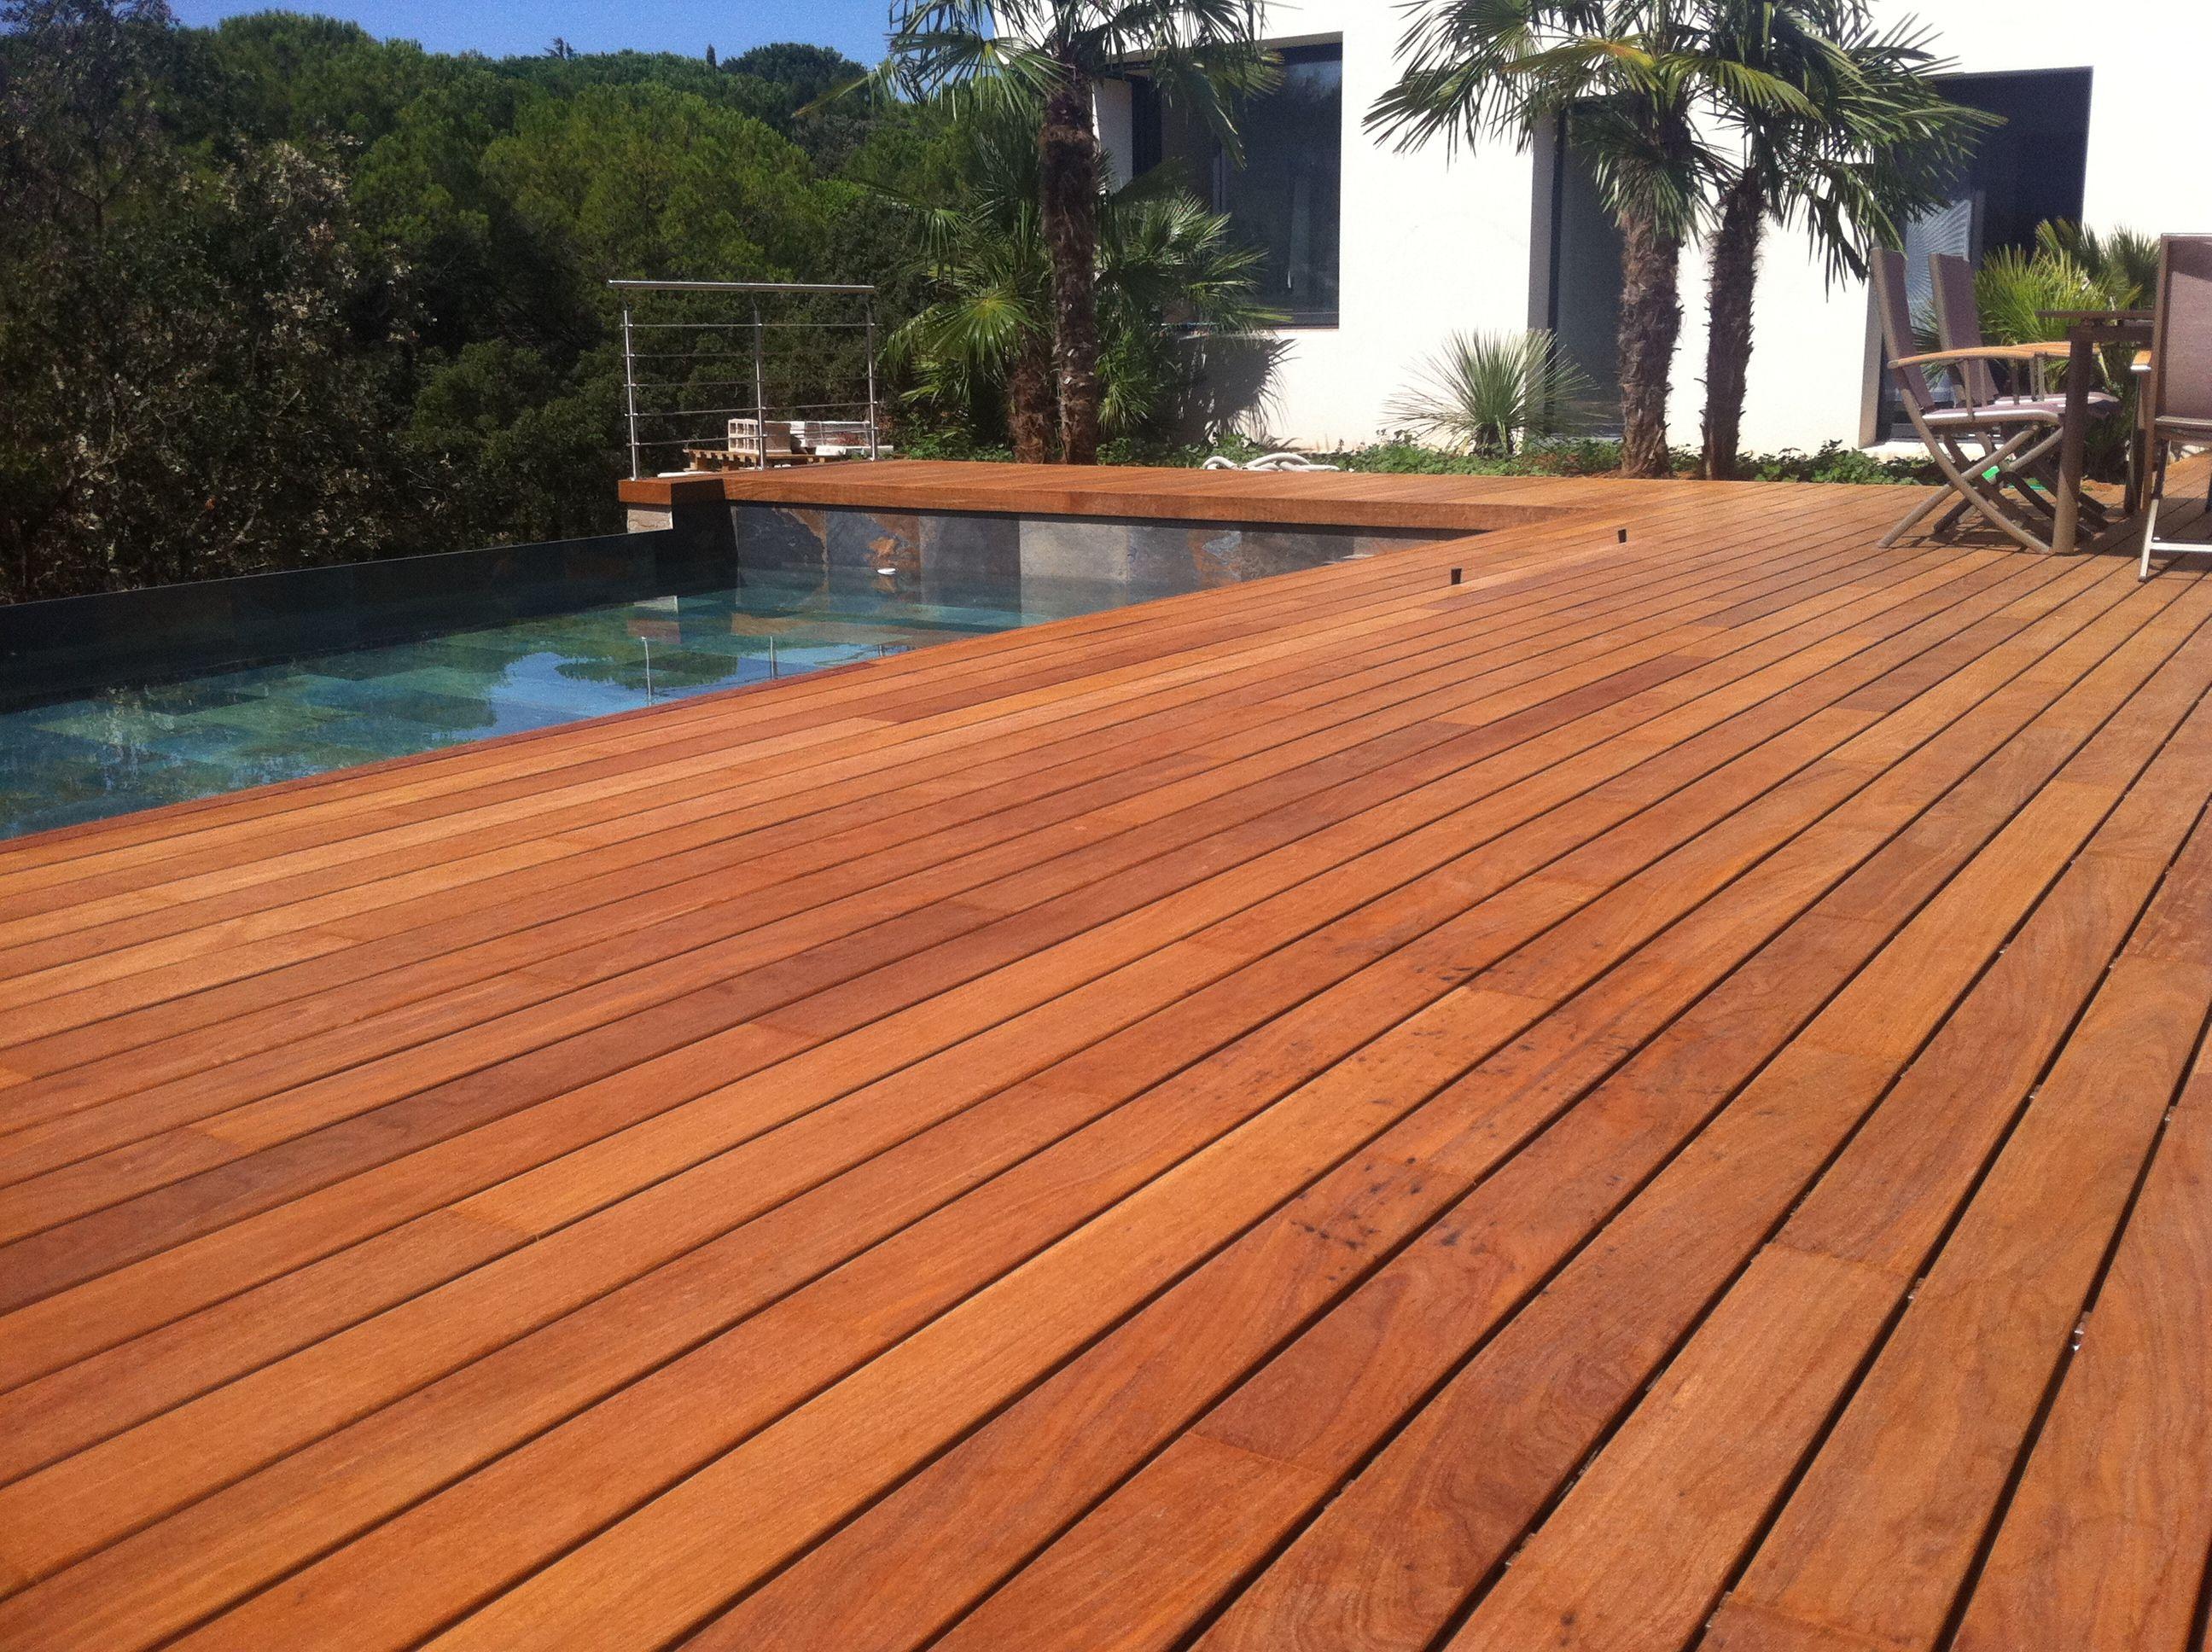 Terrasse de piscine en Ipé visserie cachée avec margelle intégrée ...